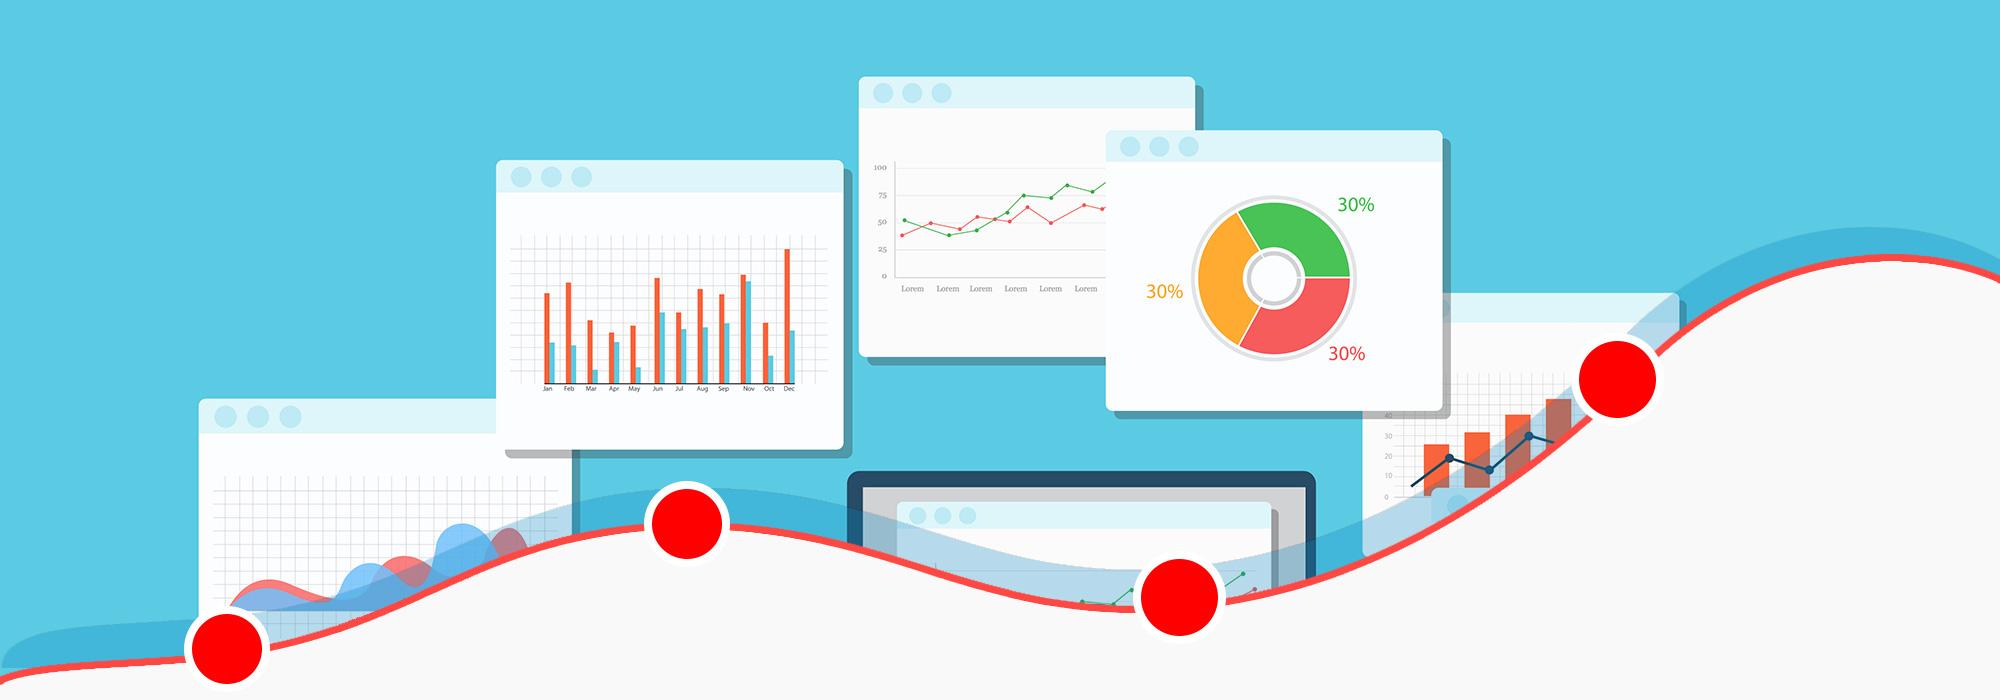 Sökordsanalys för Google